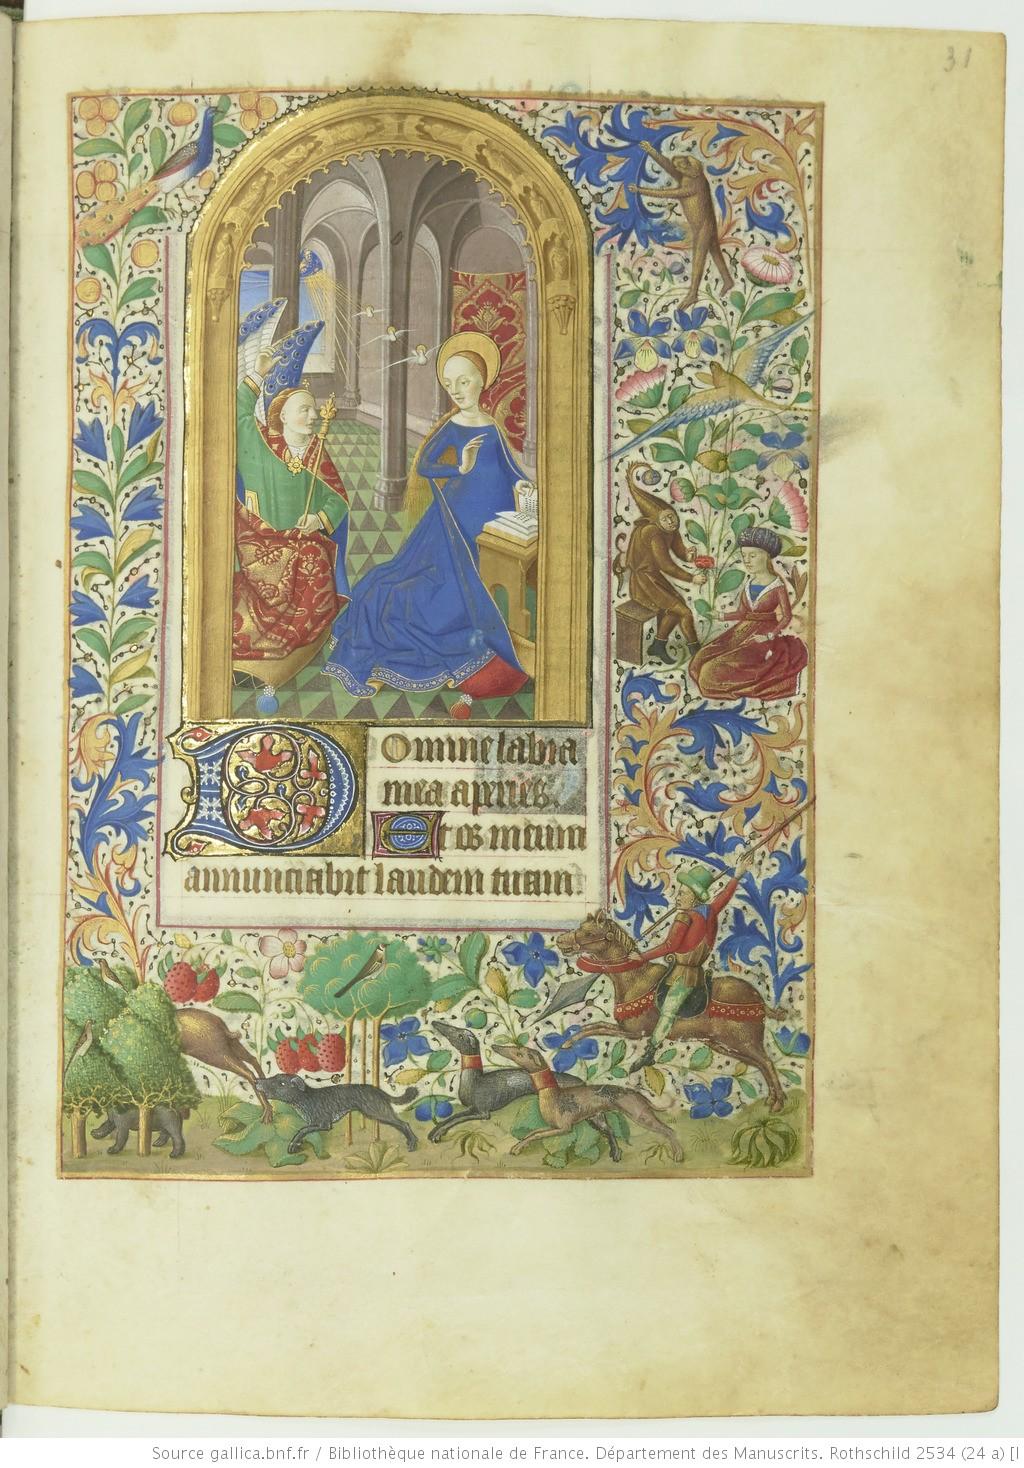 Livre d'heures (Paris, BnF. ms. Rothschild. 2534 fol 31r